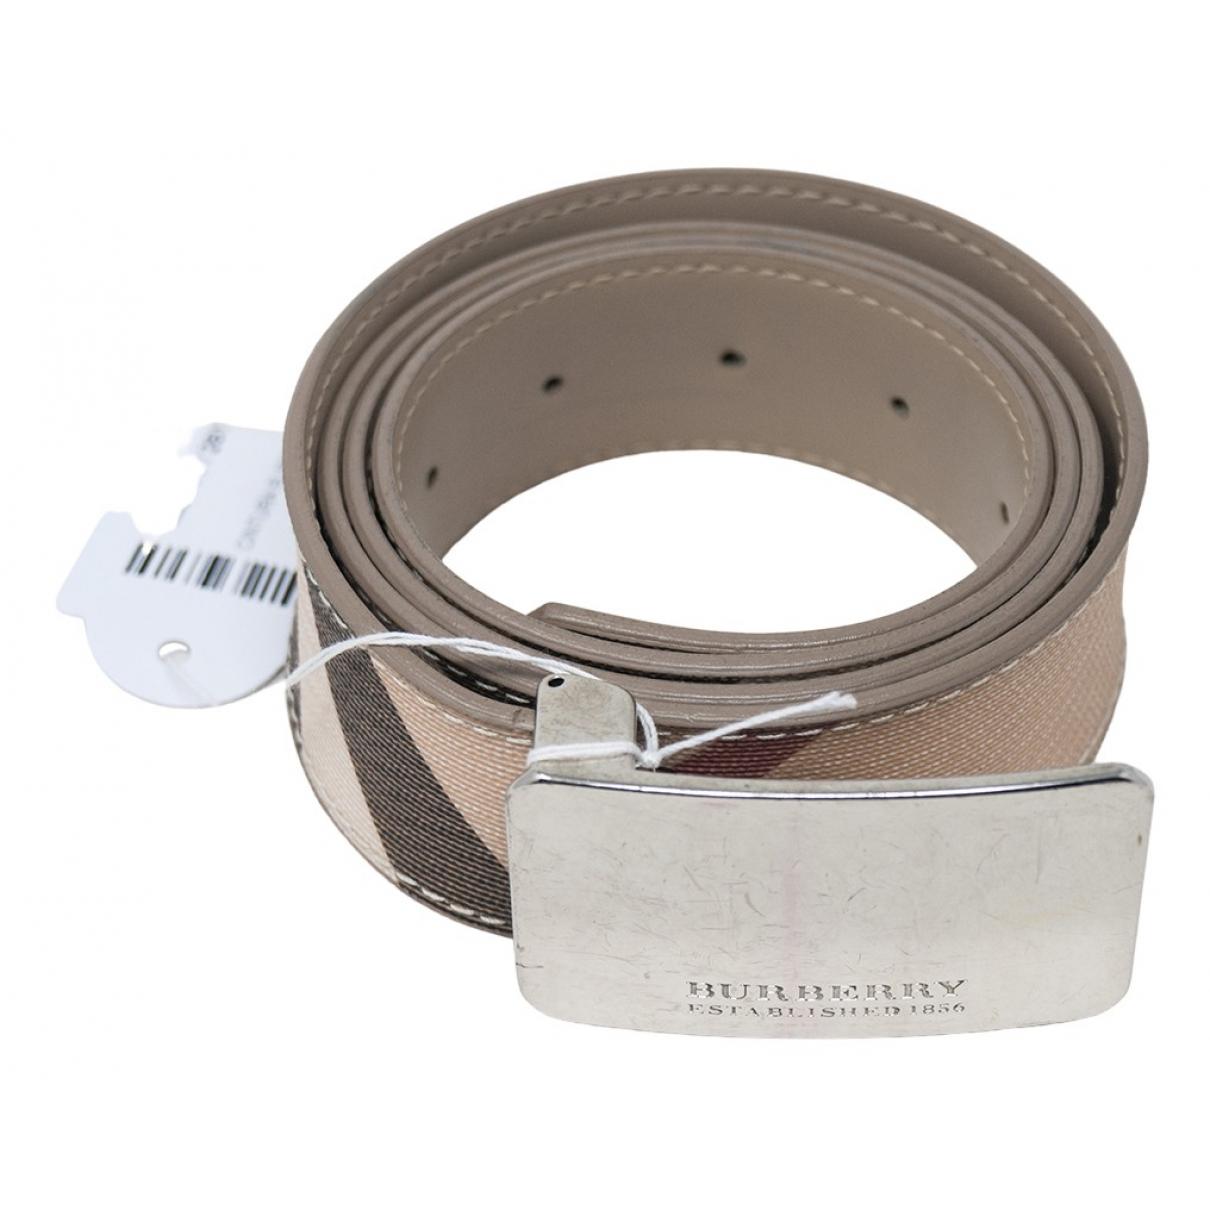 Burberry \N Beige Leather belt for Women XS International